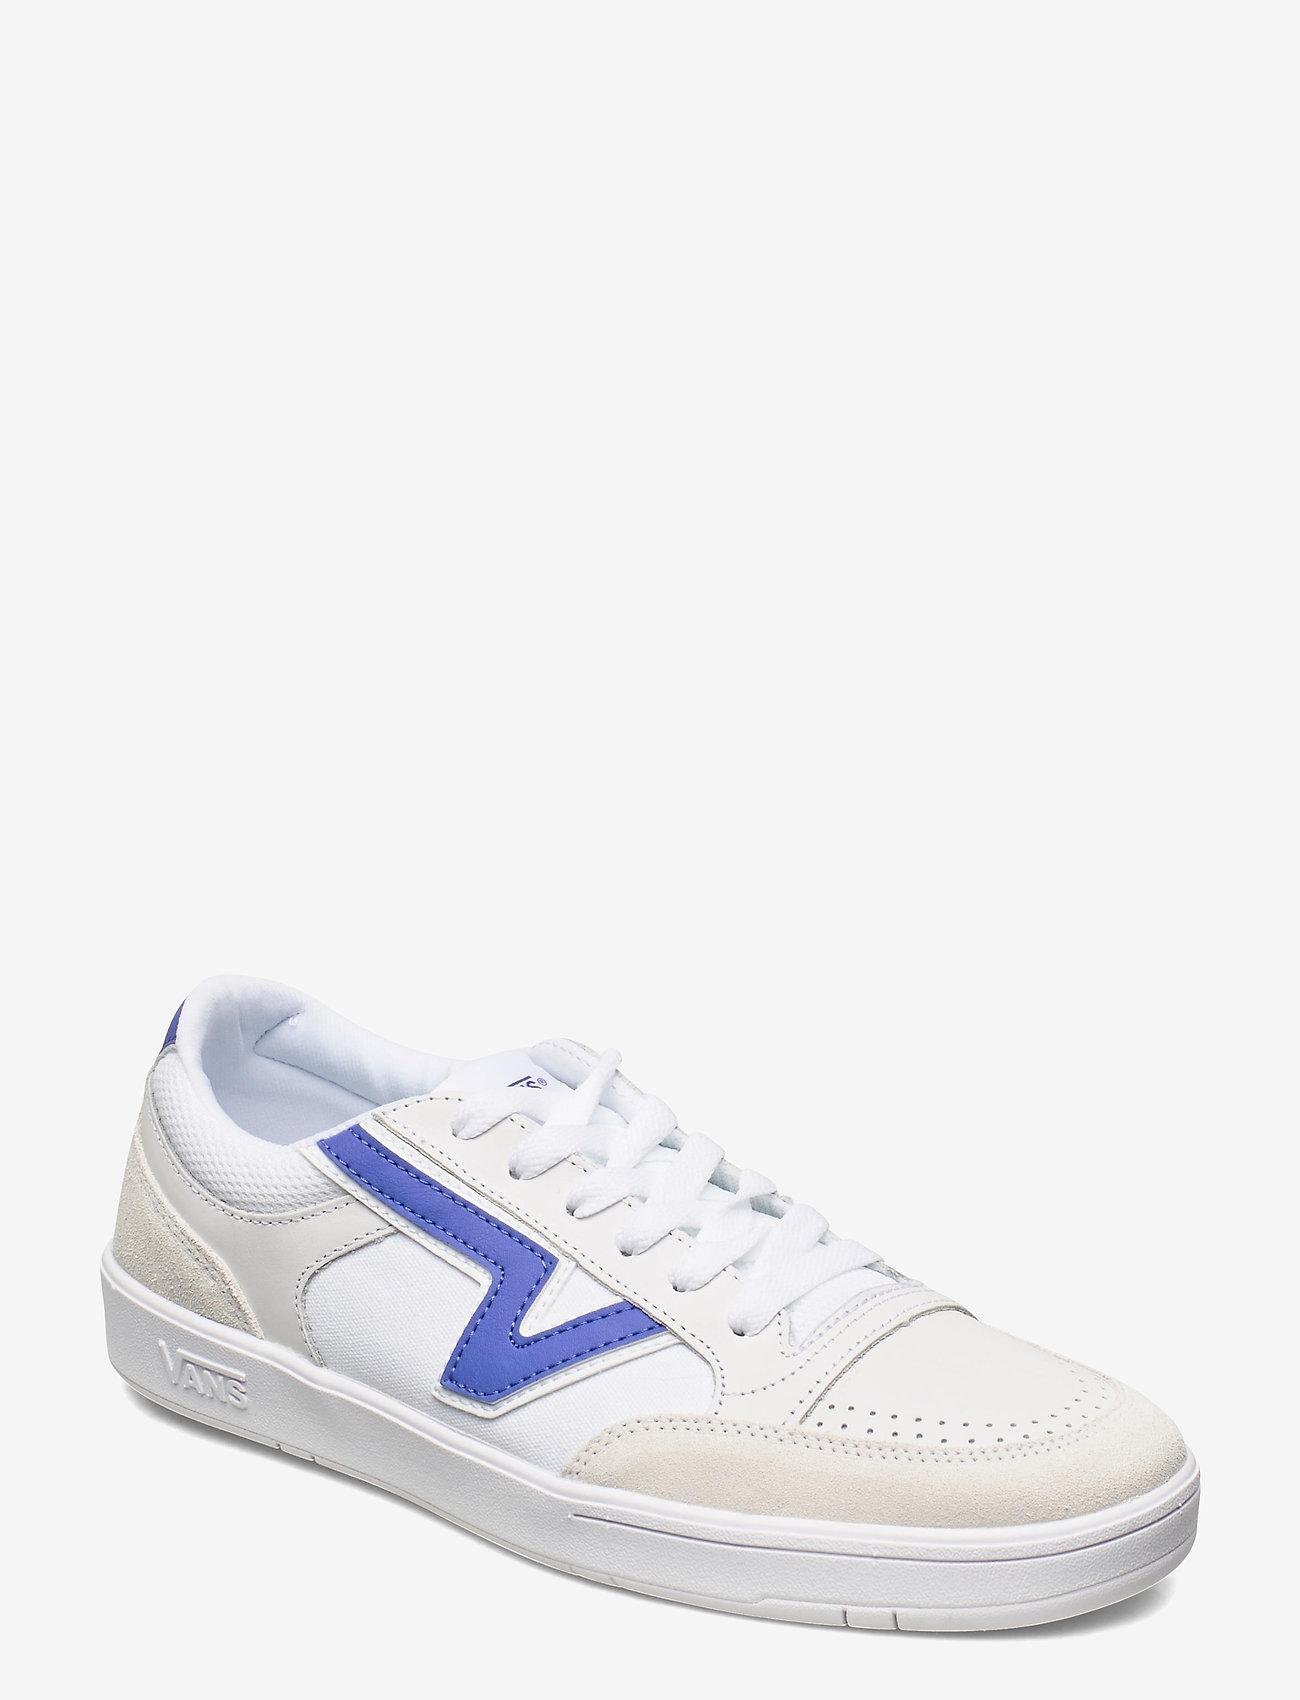 VANS - UA Lowland CC - laag sneakers - (court) tr wht/baja blue - 0